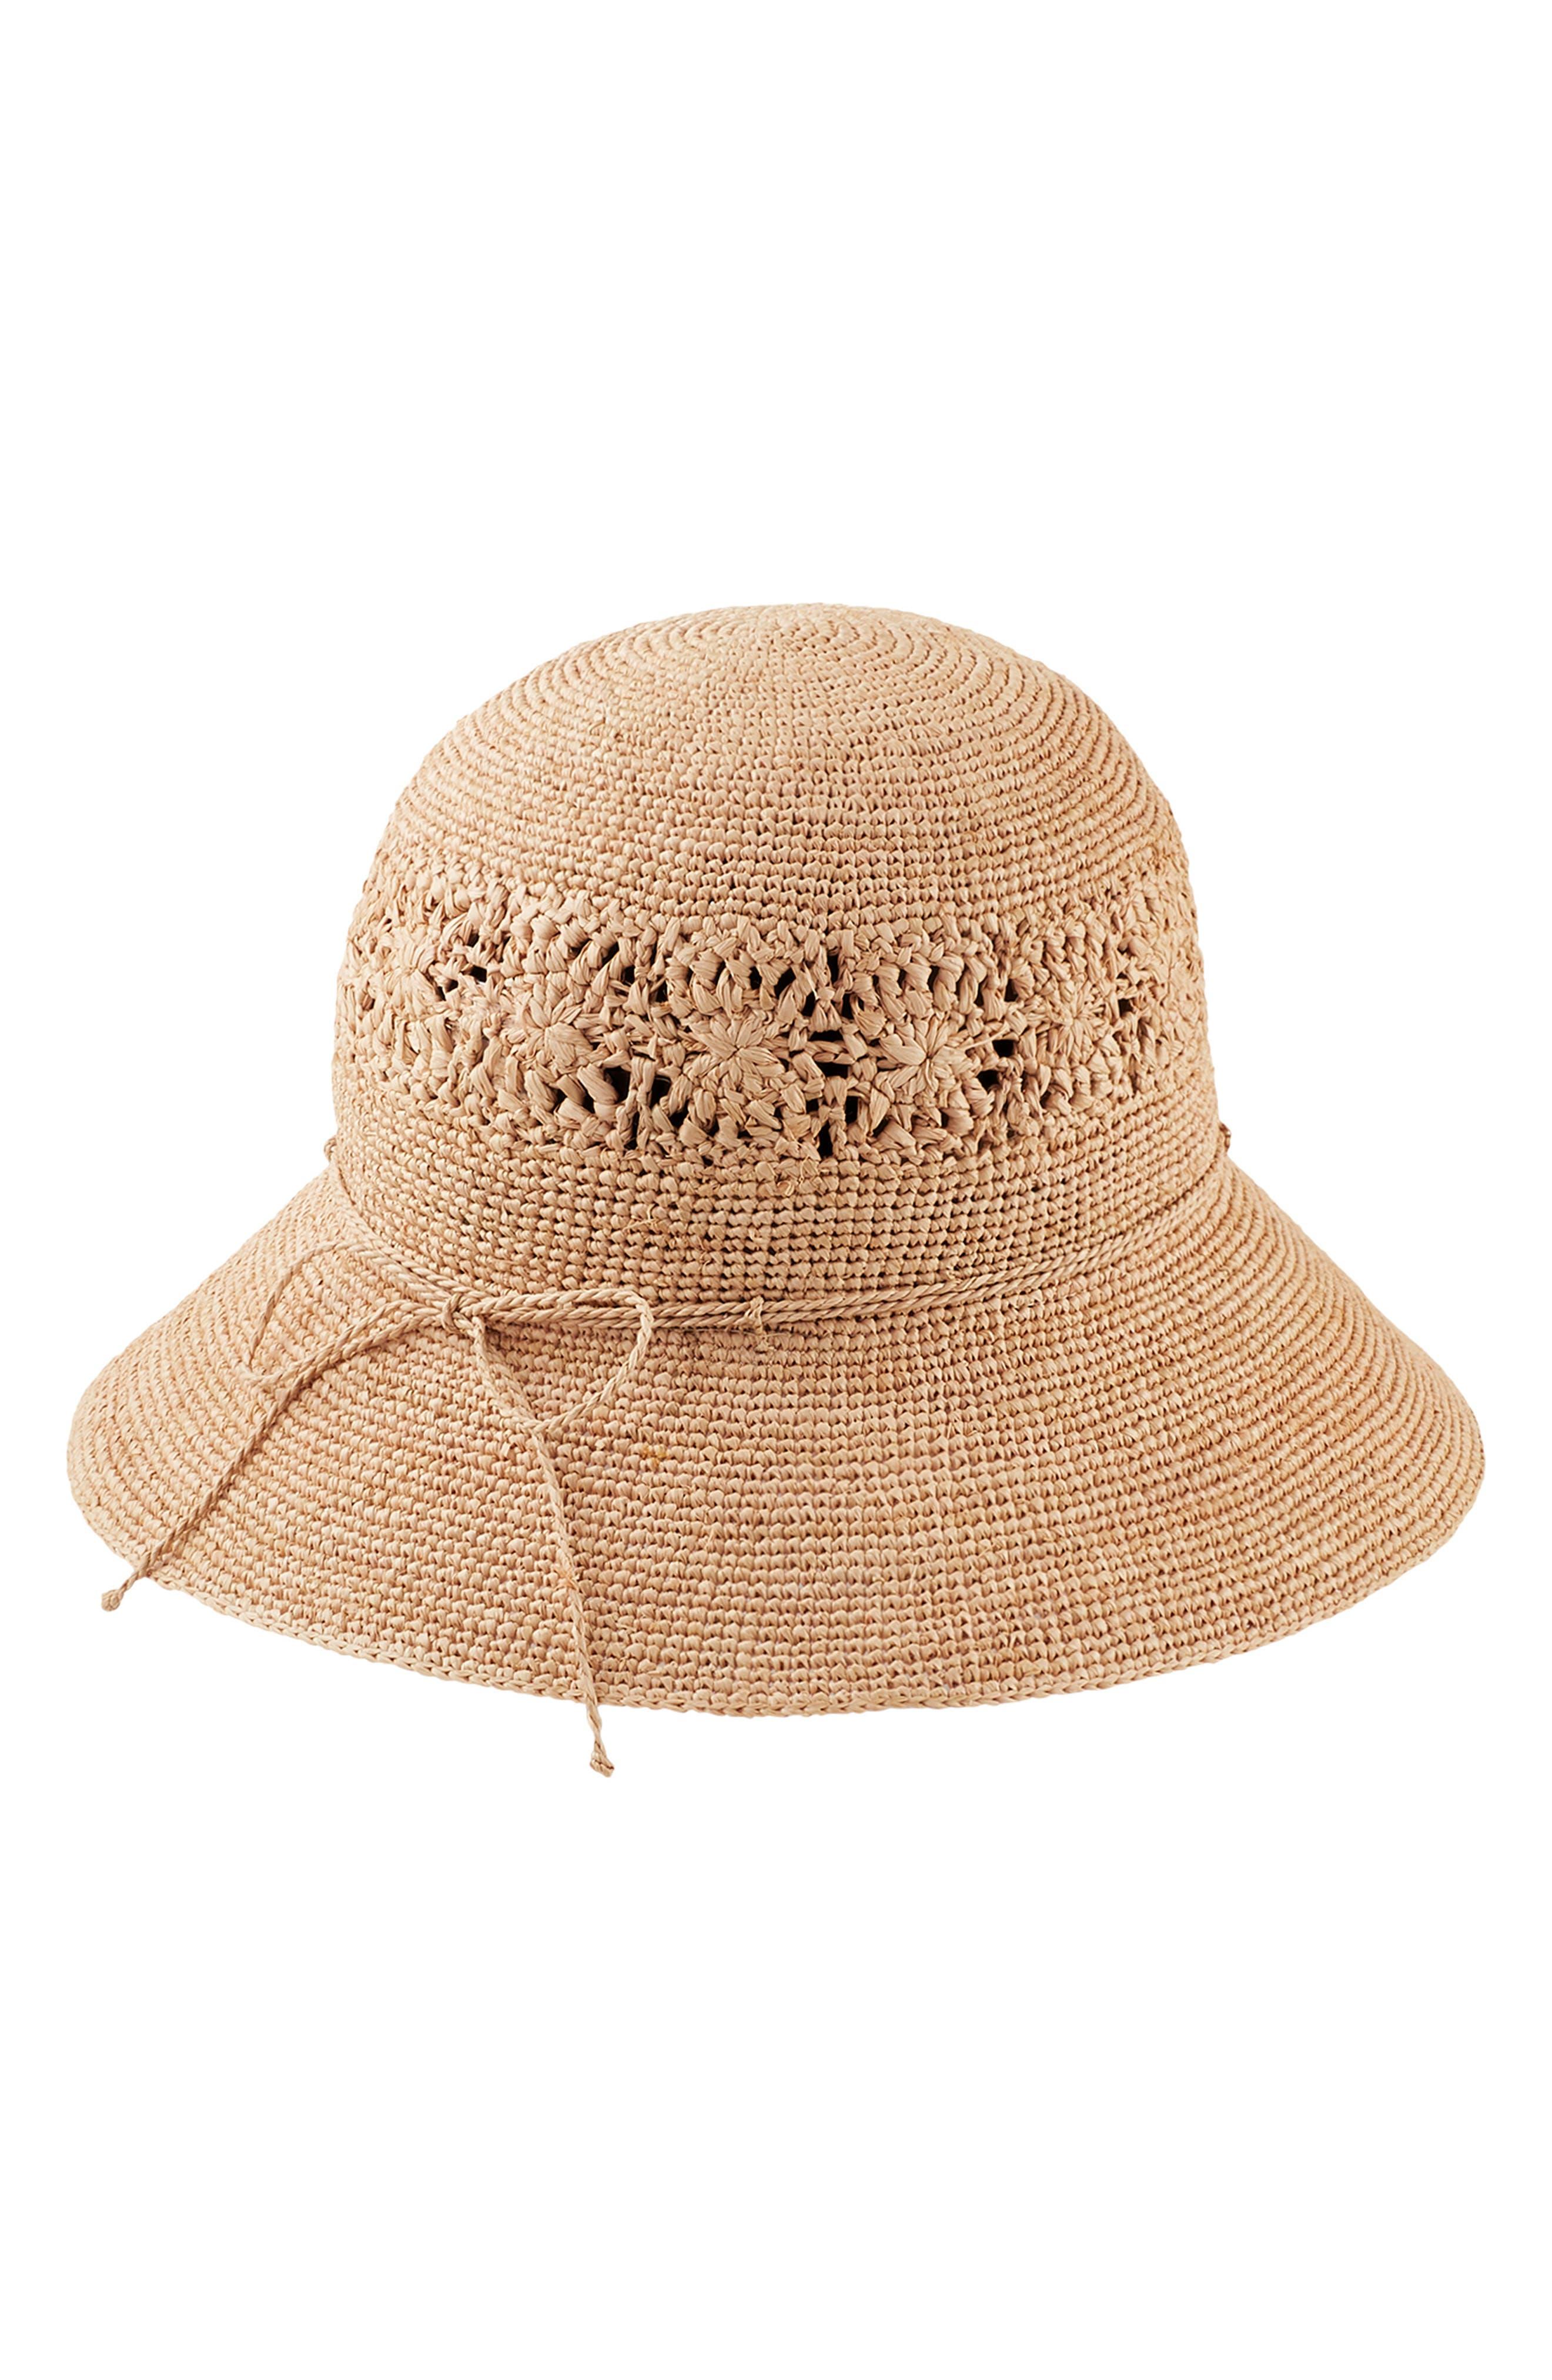 fbe21a50e1f Cloche Hats for Women